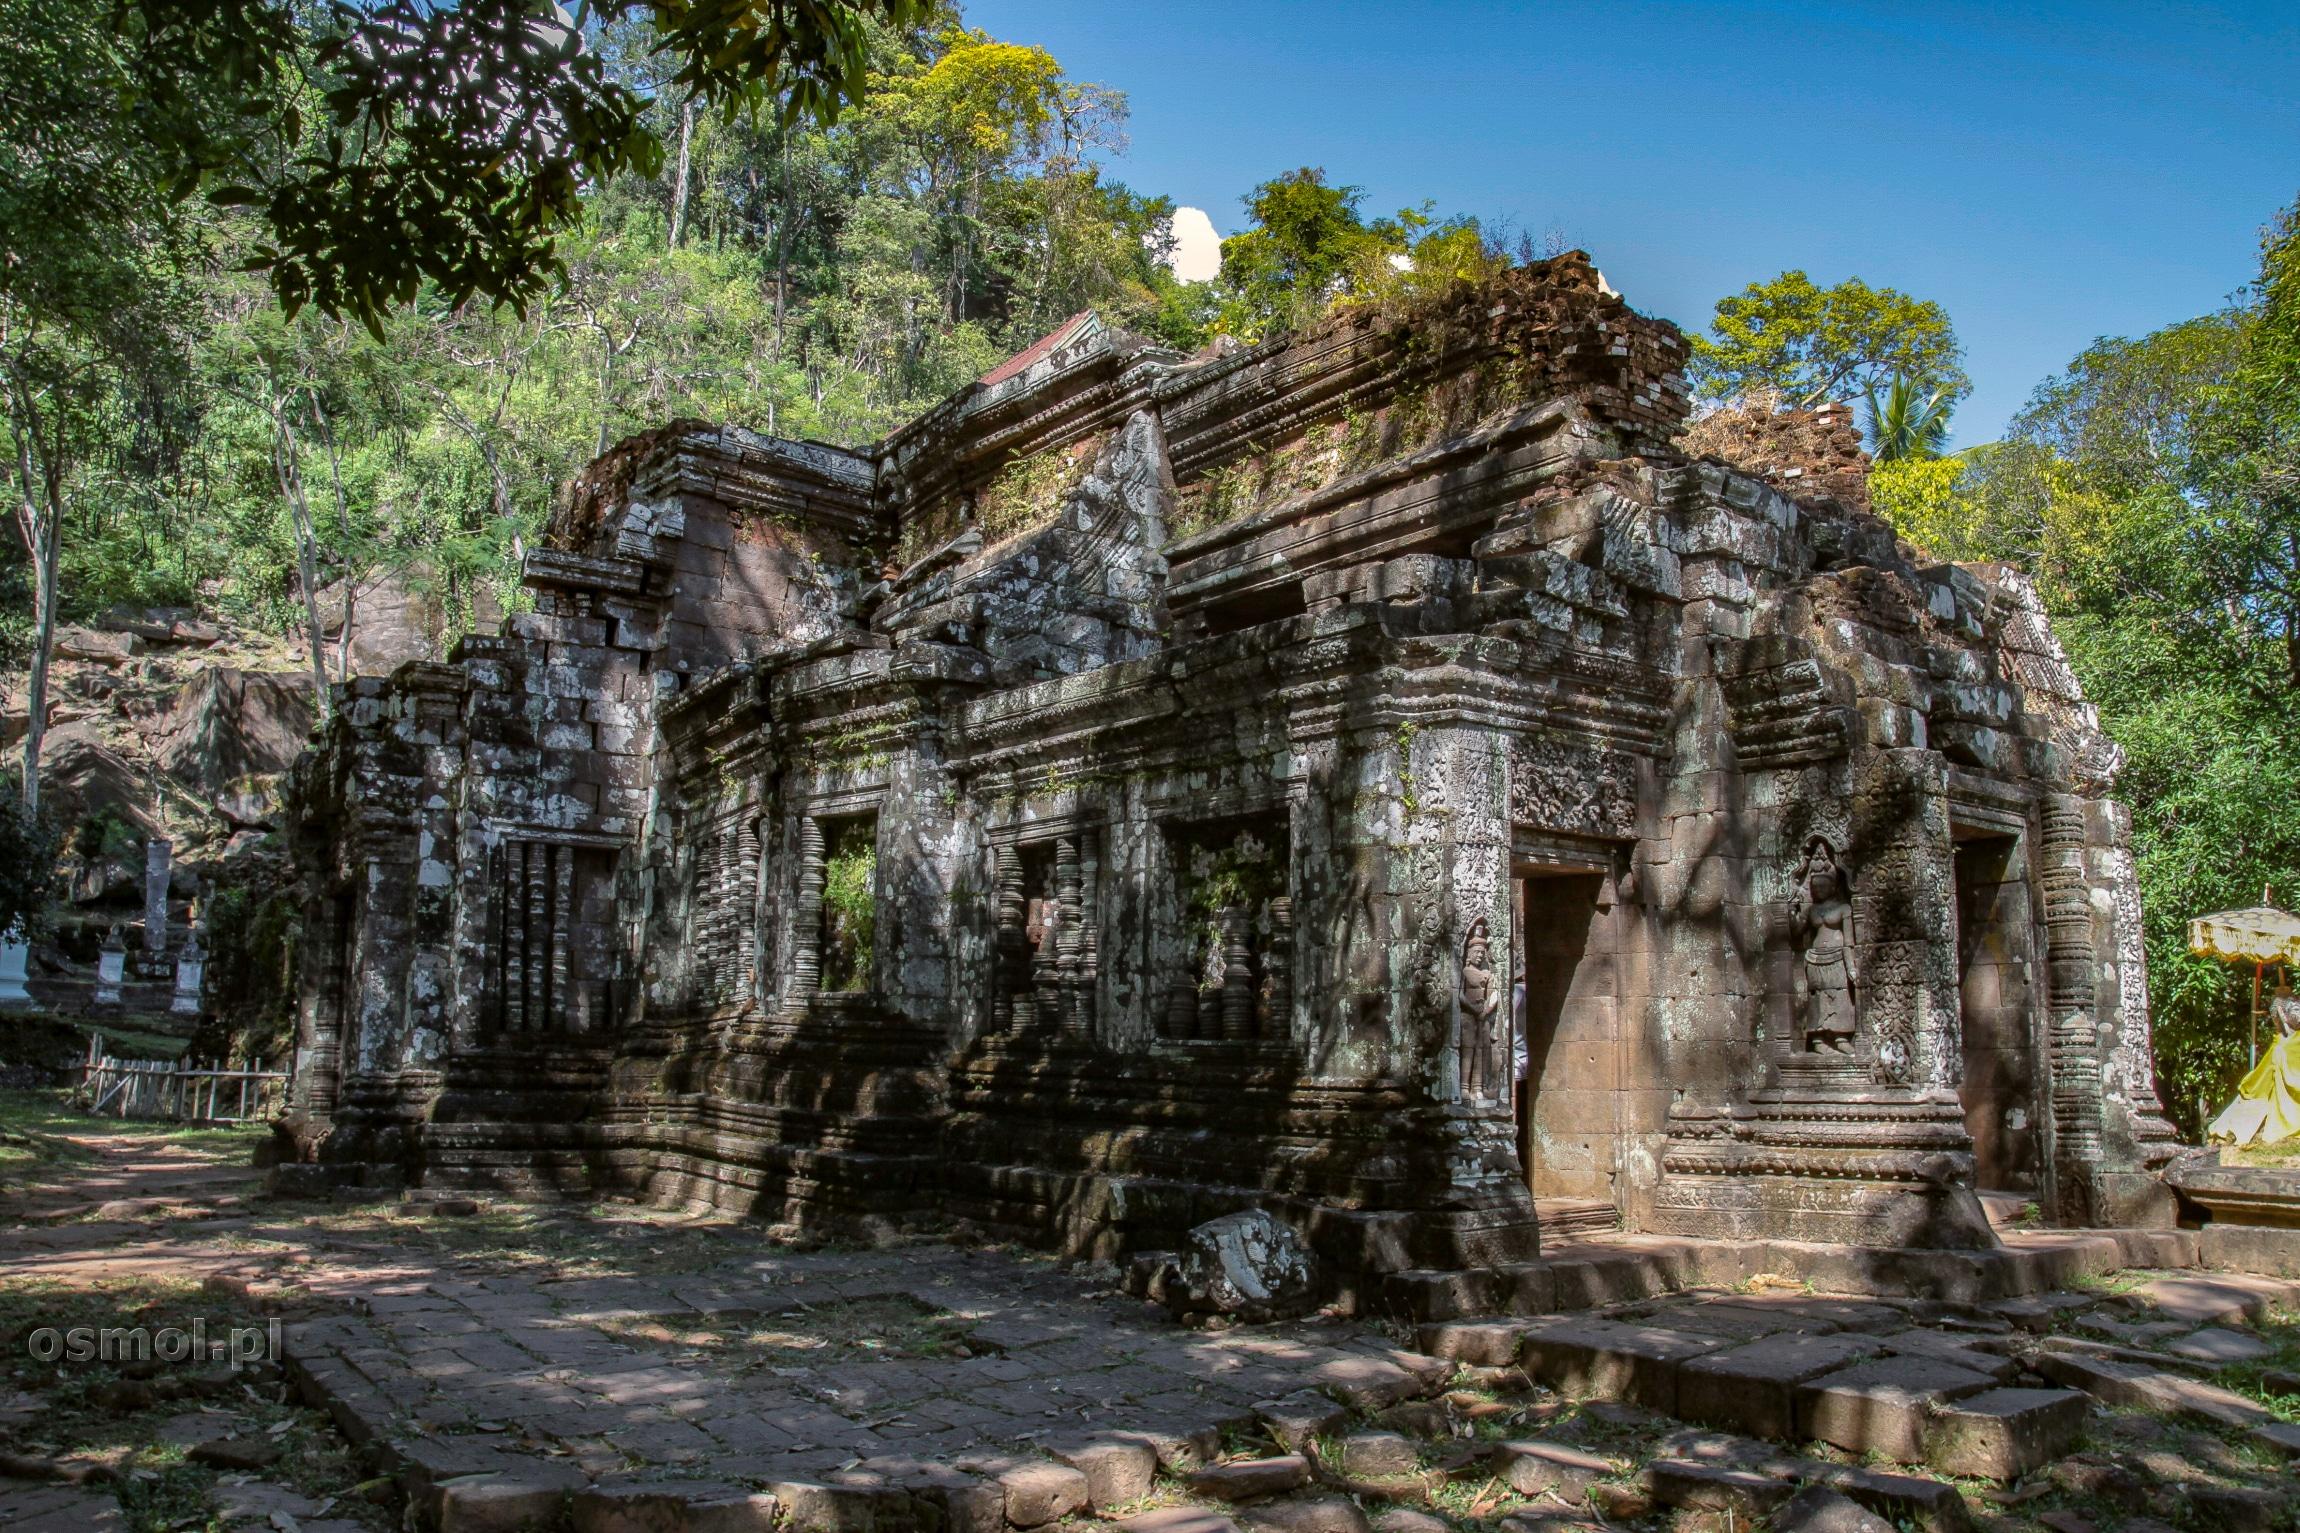 Świątynia Wat Phou w Champasak zatopiona wśród zieleni - jedno z najładniejszych miejsc w Laosie